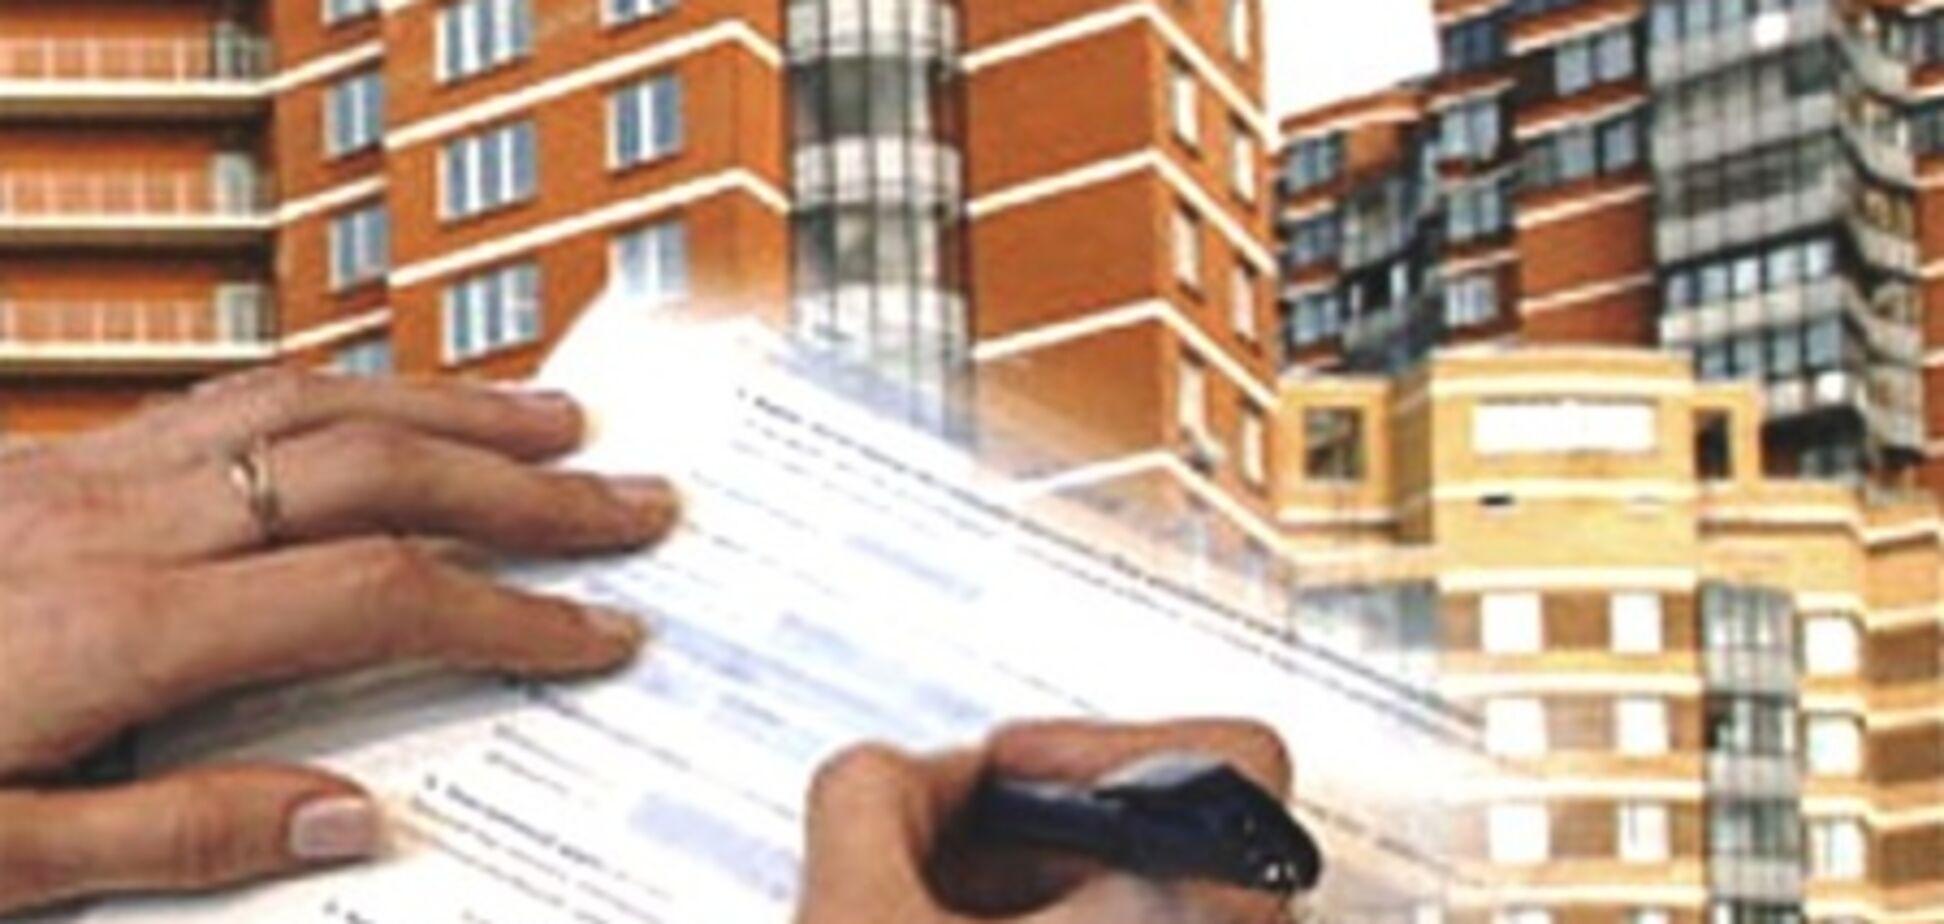 Пошаговая инструкция регистрации недвижимости в 2013 году